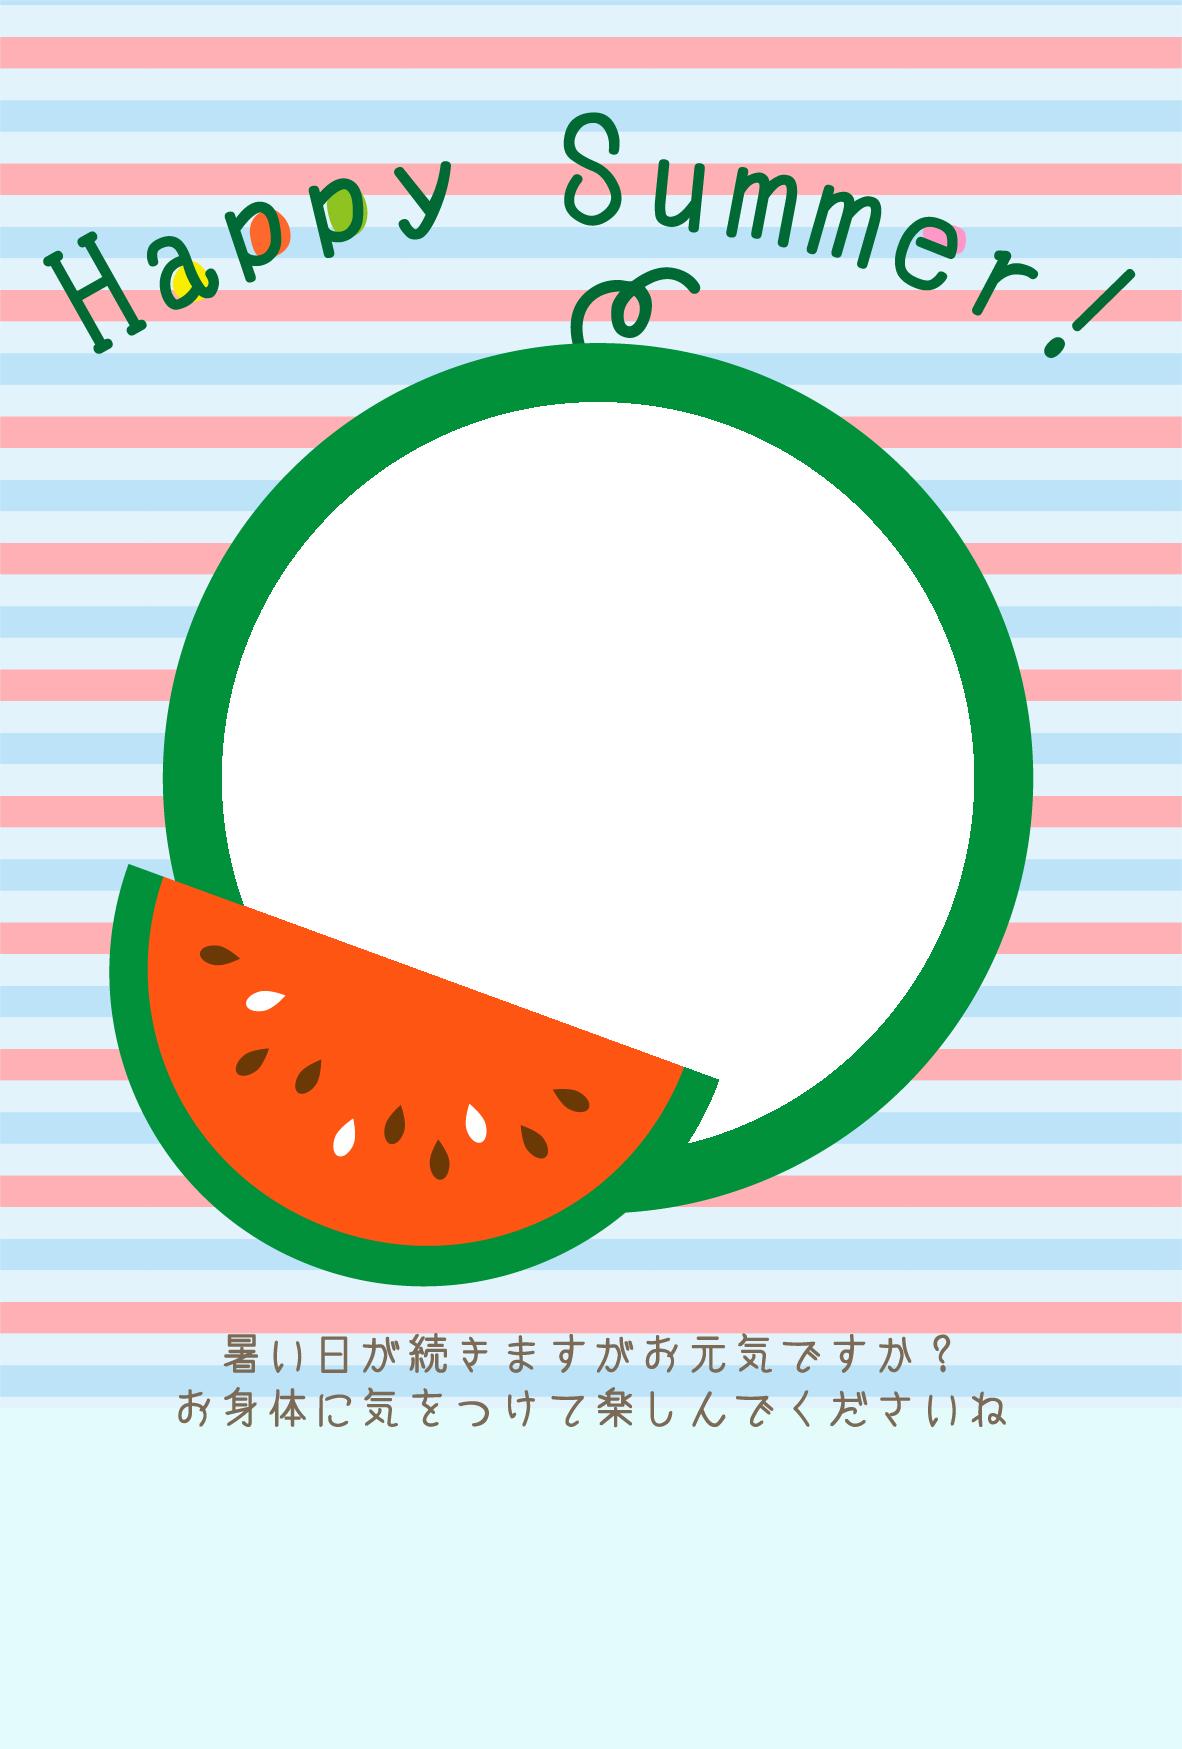 暑中見舞いハガキのデザインテンプレート③